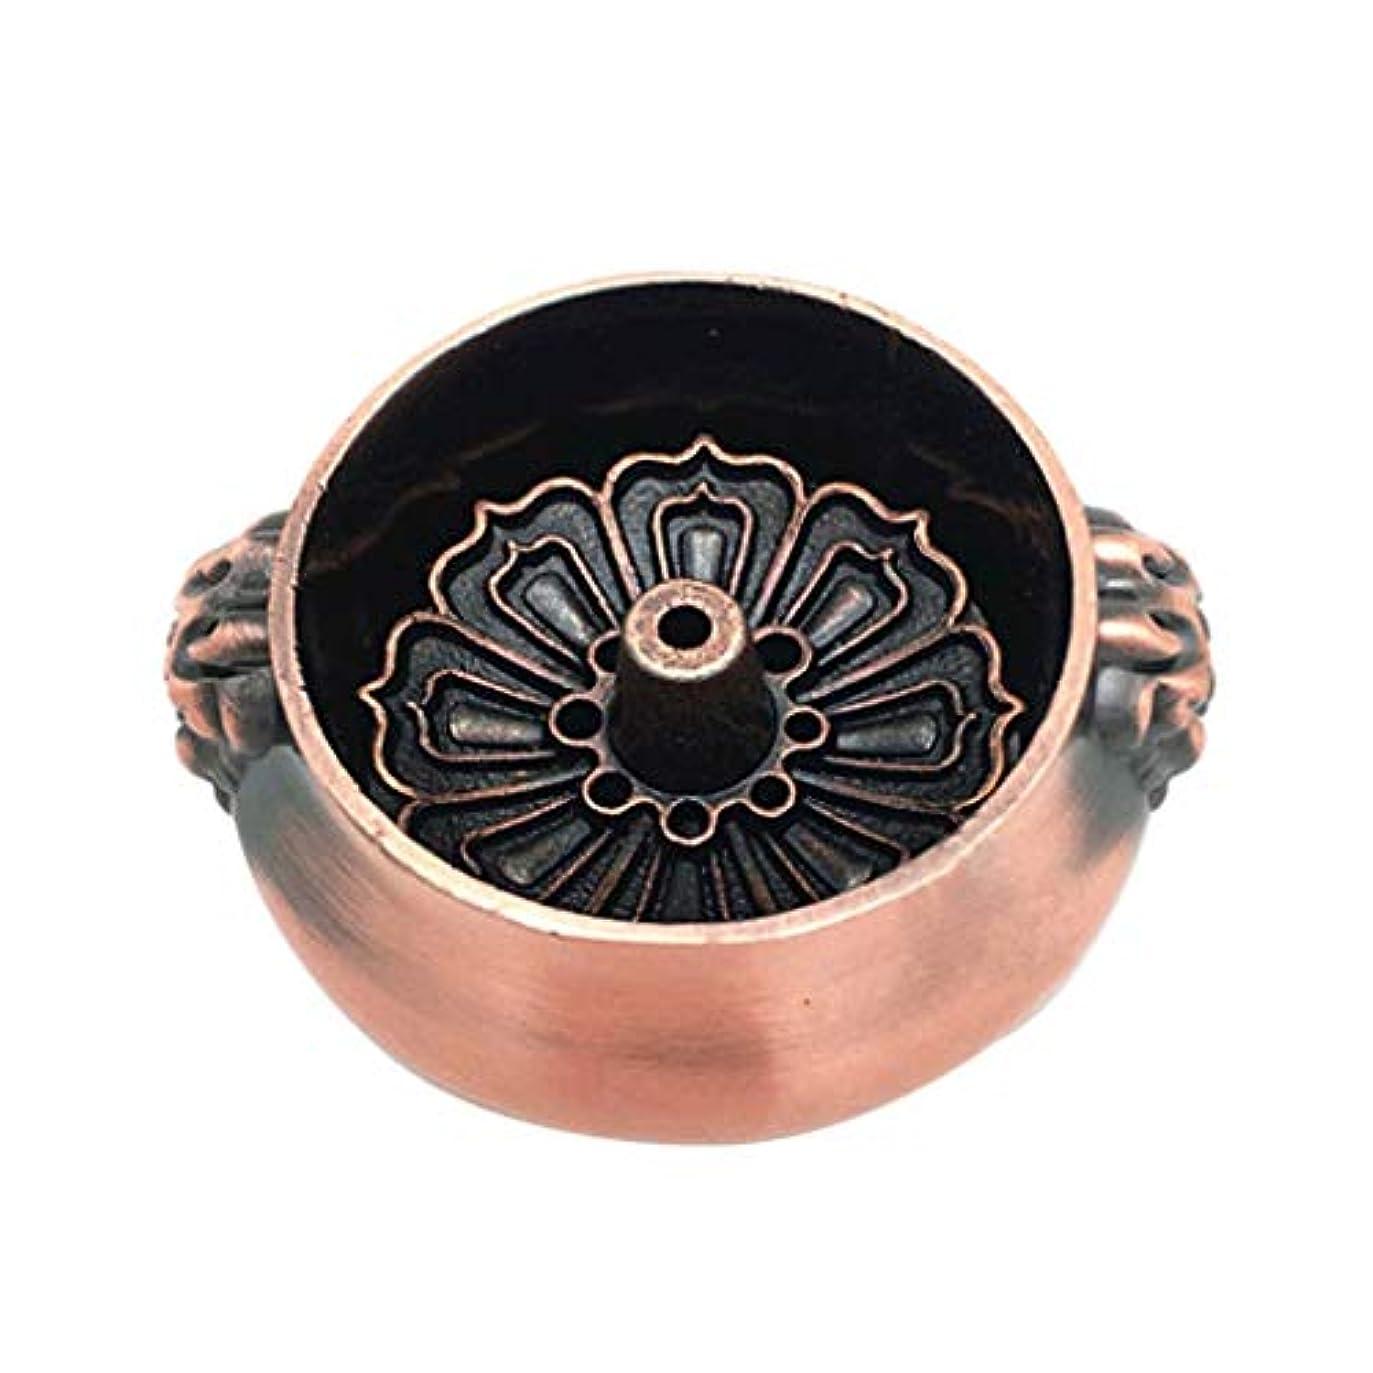 検出する前奏曲リスキーな合金香バーナー花香バーナースティックホルダーロータス形状銅香ベースプラグホームデコレーション香ホルダー (Color : Brass, サイズ : 2.36*1.06inchs)